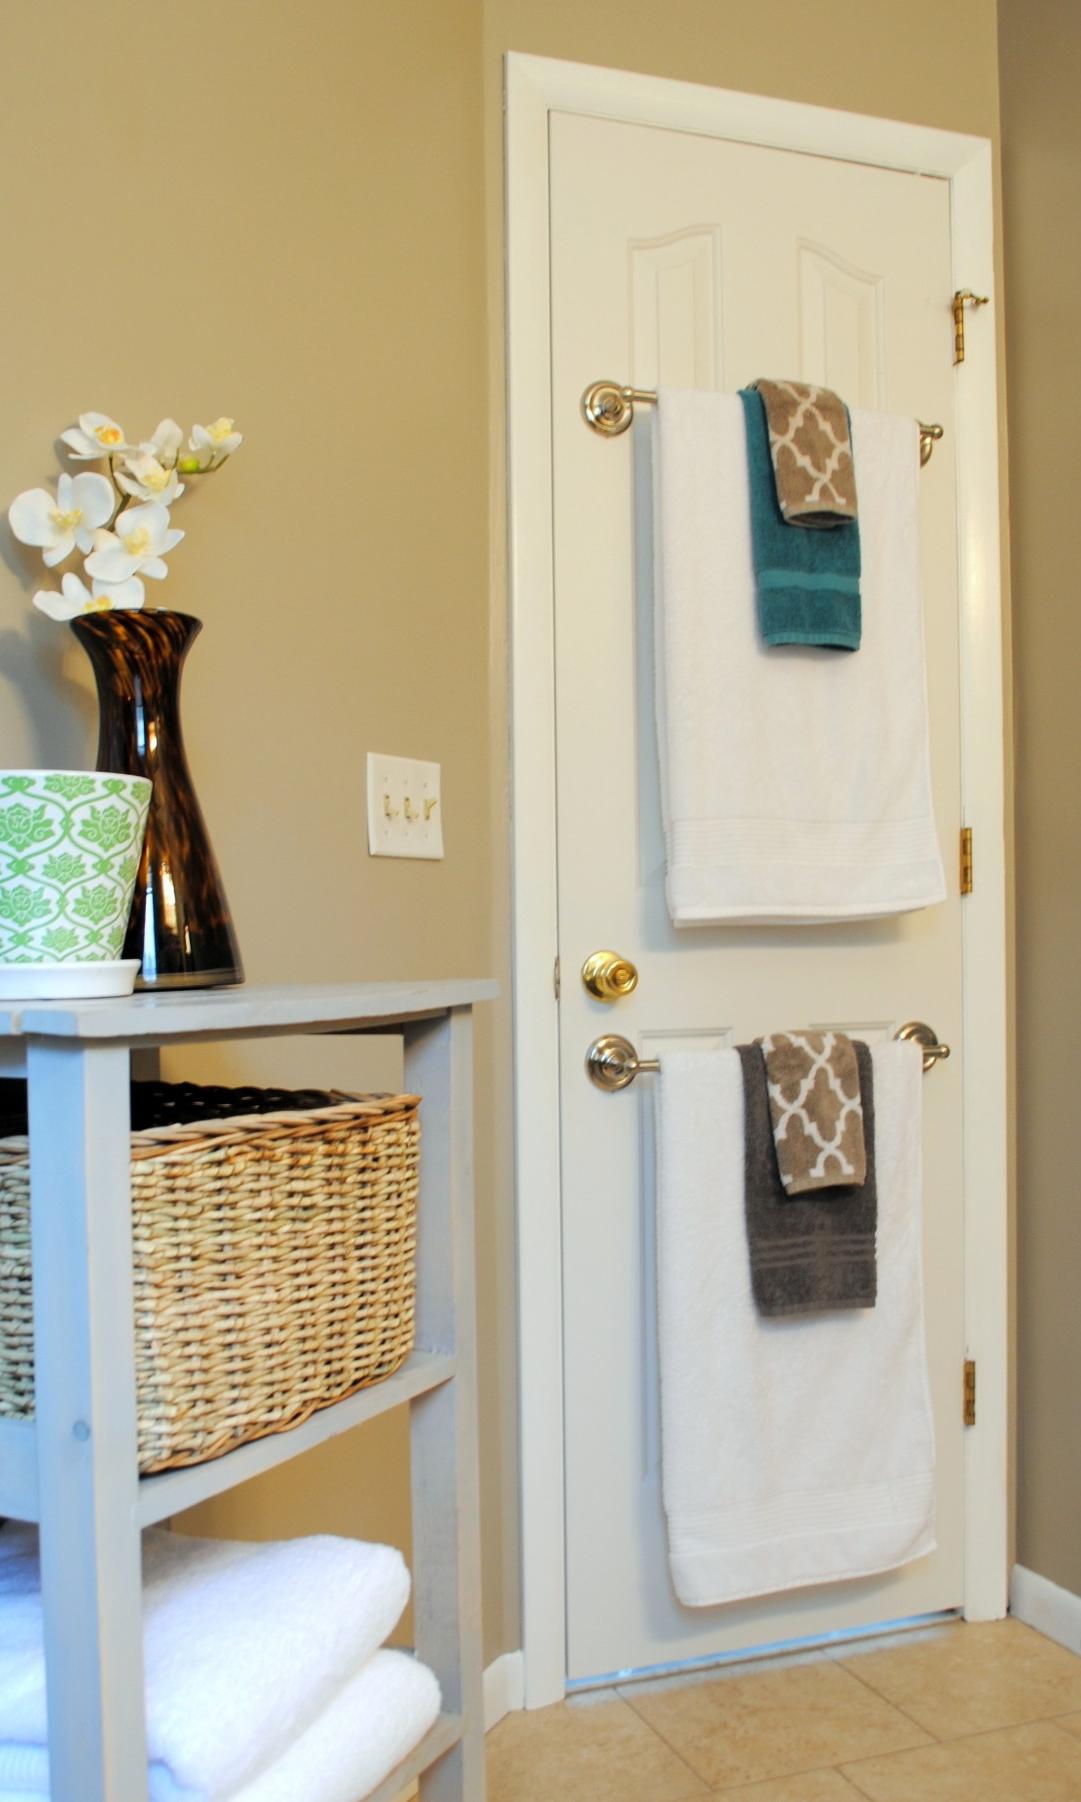 держатель для полотенец на обратной стороне двери  источник